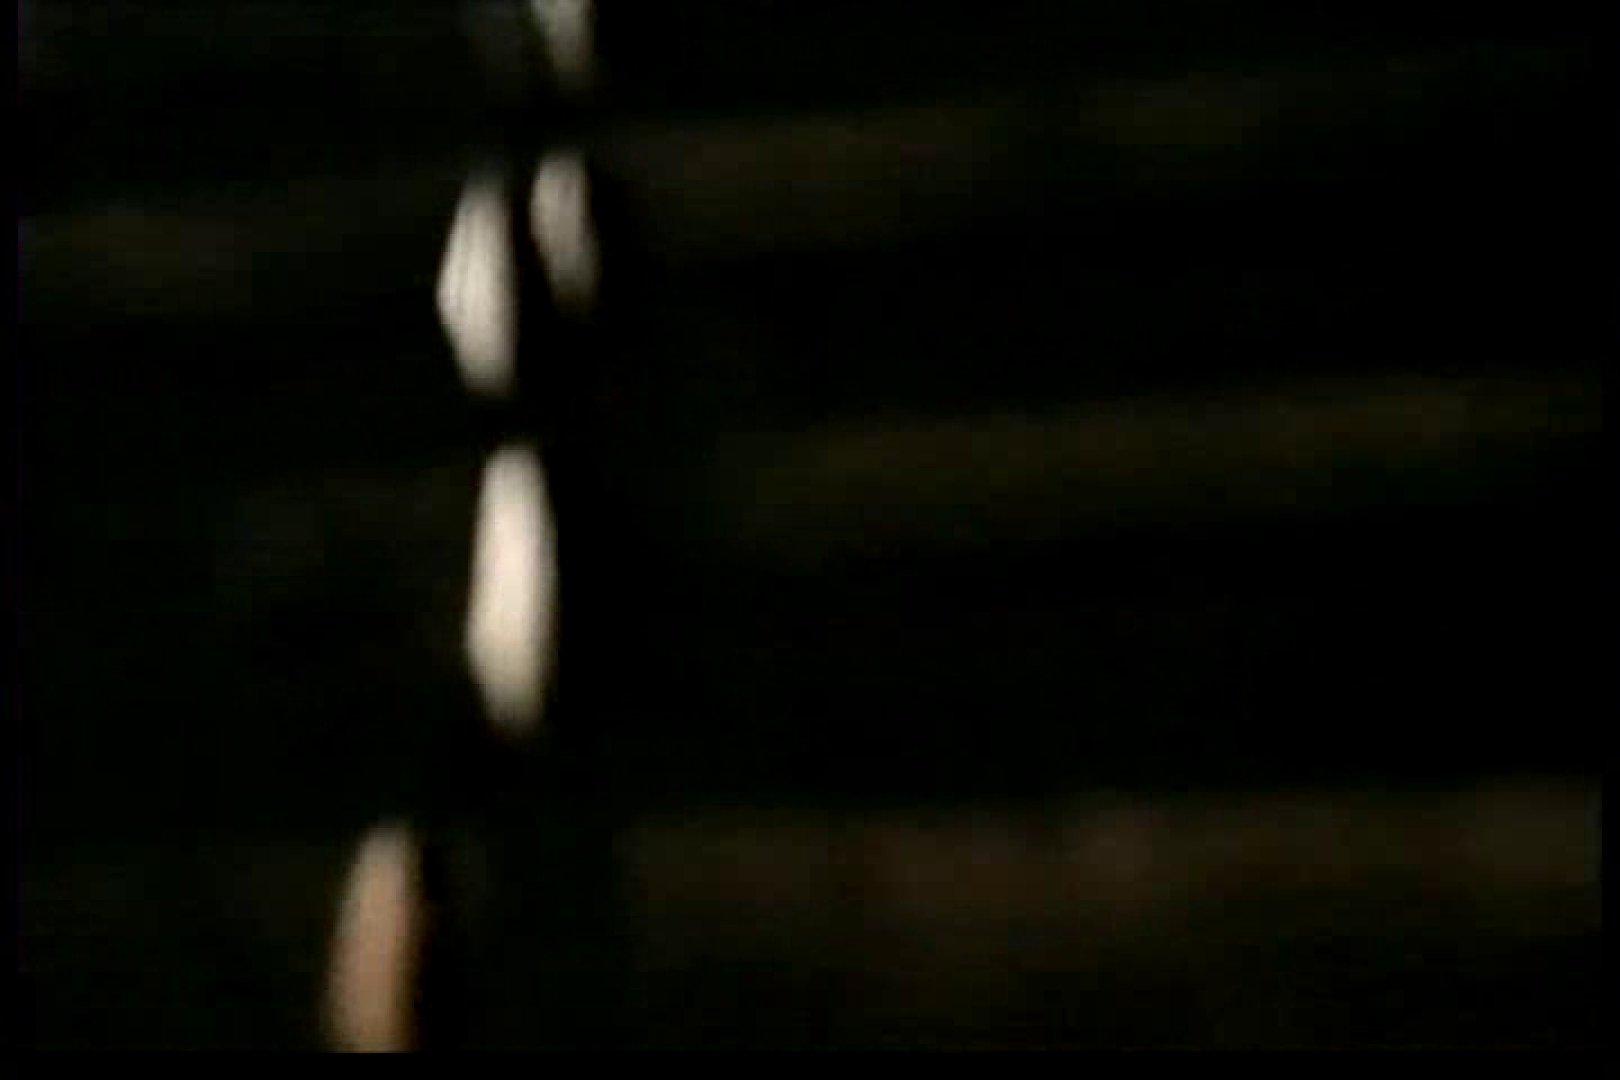 バレまくり!! 絶叫民家女風呂盗撮Vol.2 女風呂 オマンコ無修正動画無料 82連発 29